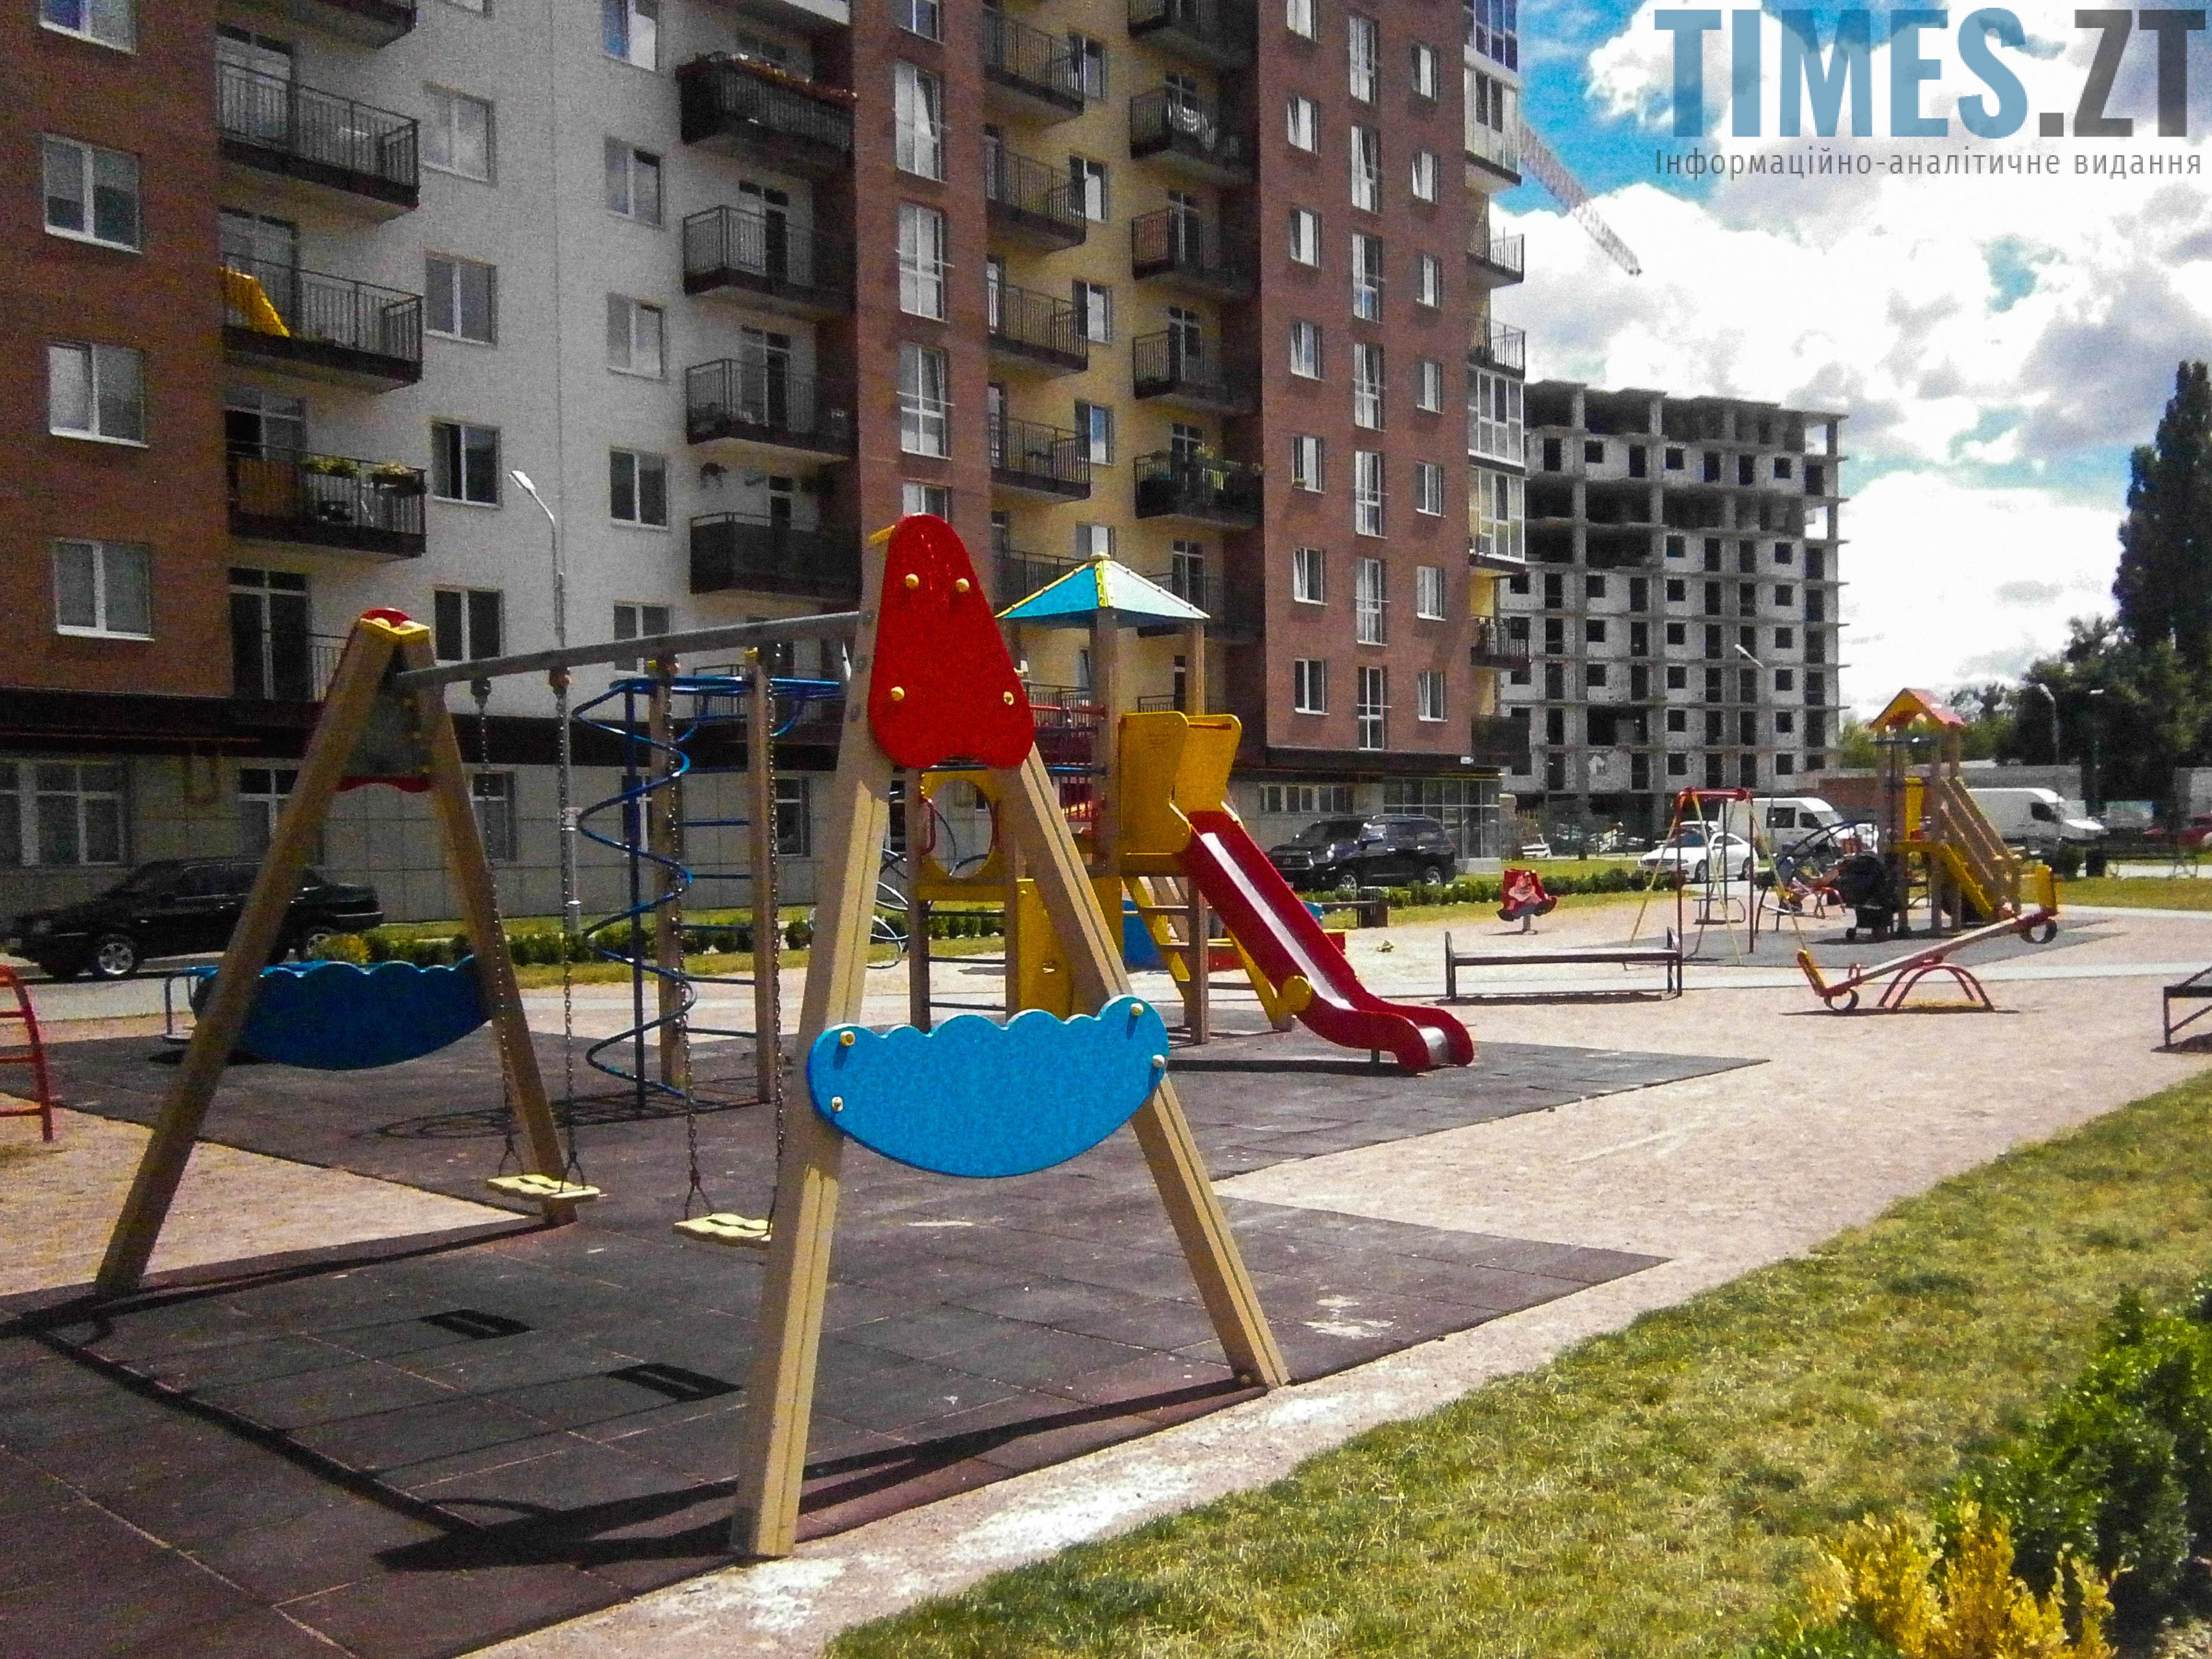 P7161619 - (Благо)устрій  житомирських дитячих майданчиків